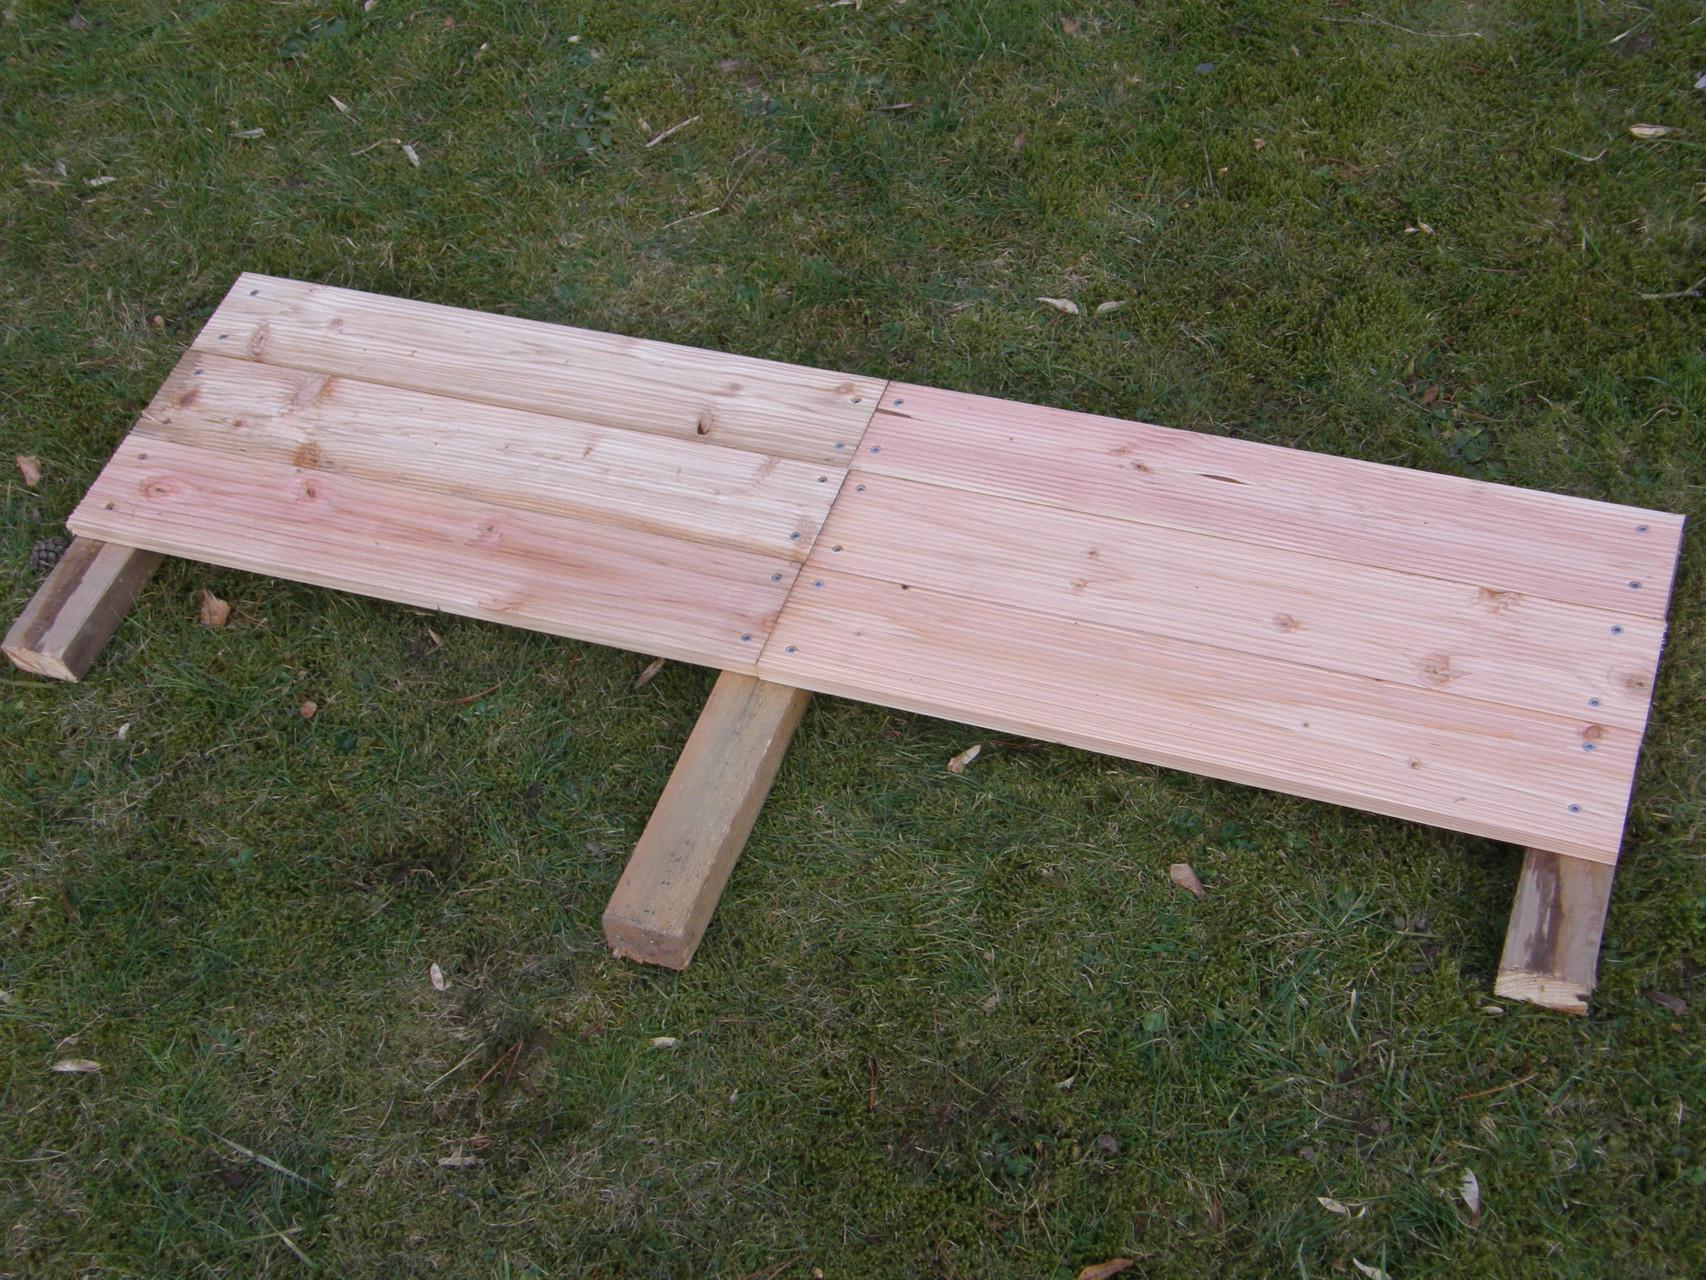 2. Drei weitere 60 cm Bretter auf der anderen Seite der Dachlatte befestigen